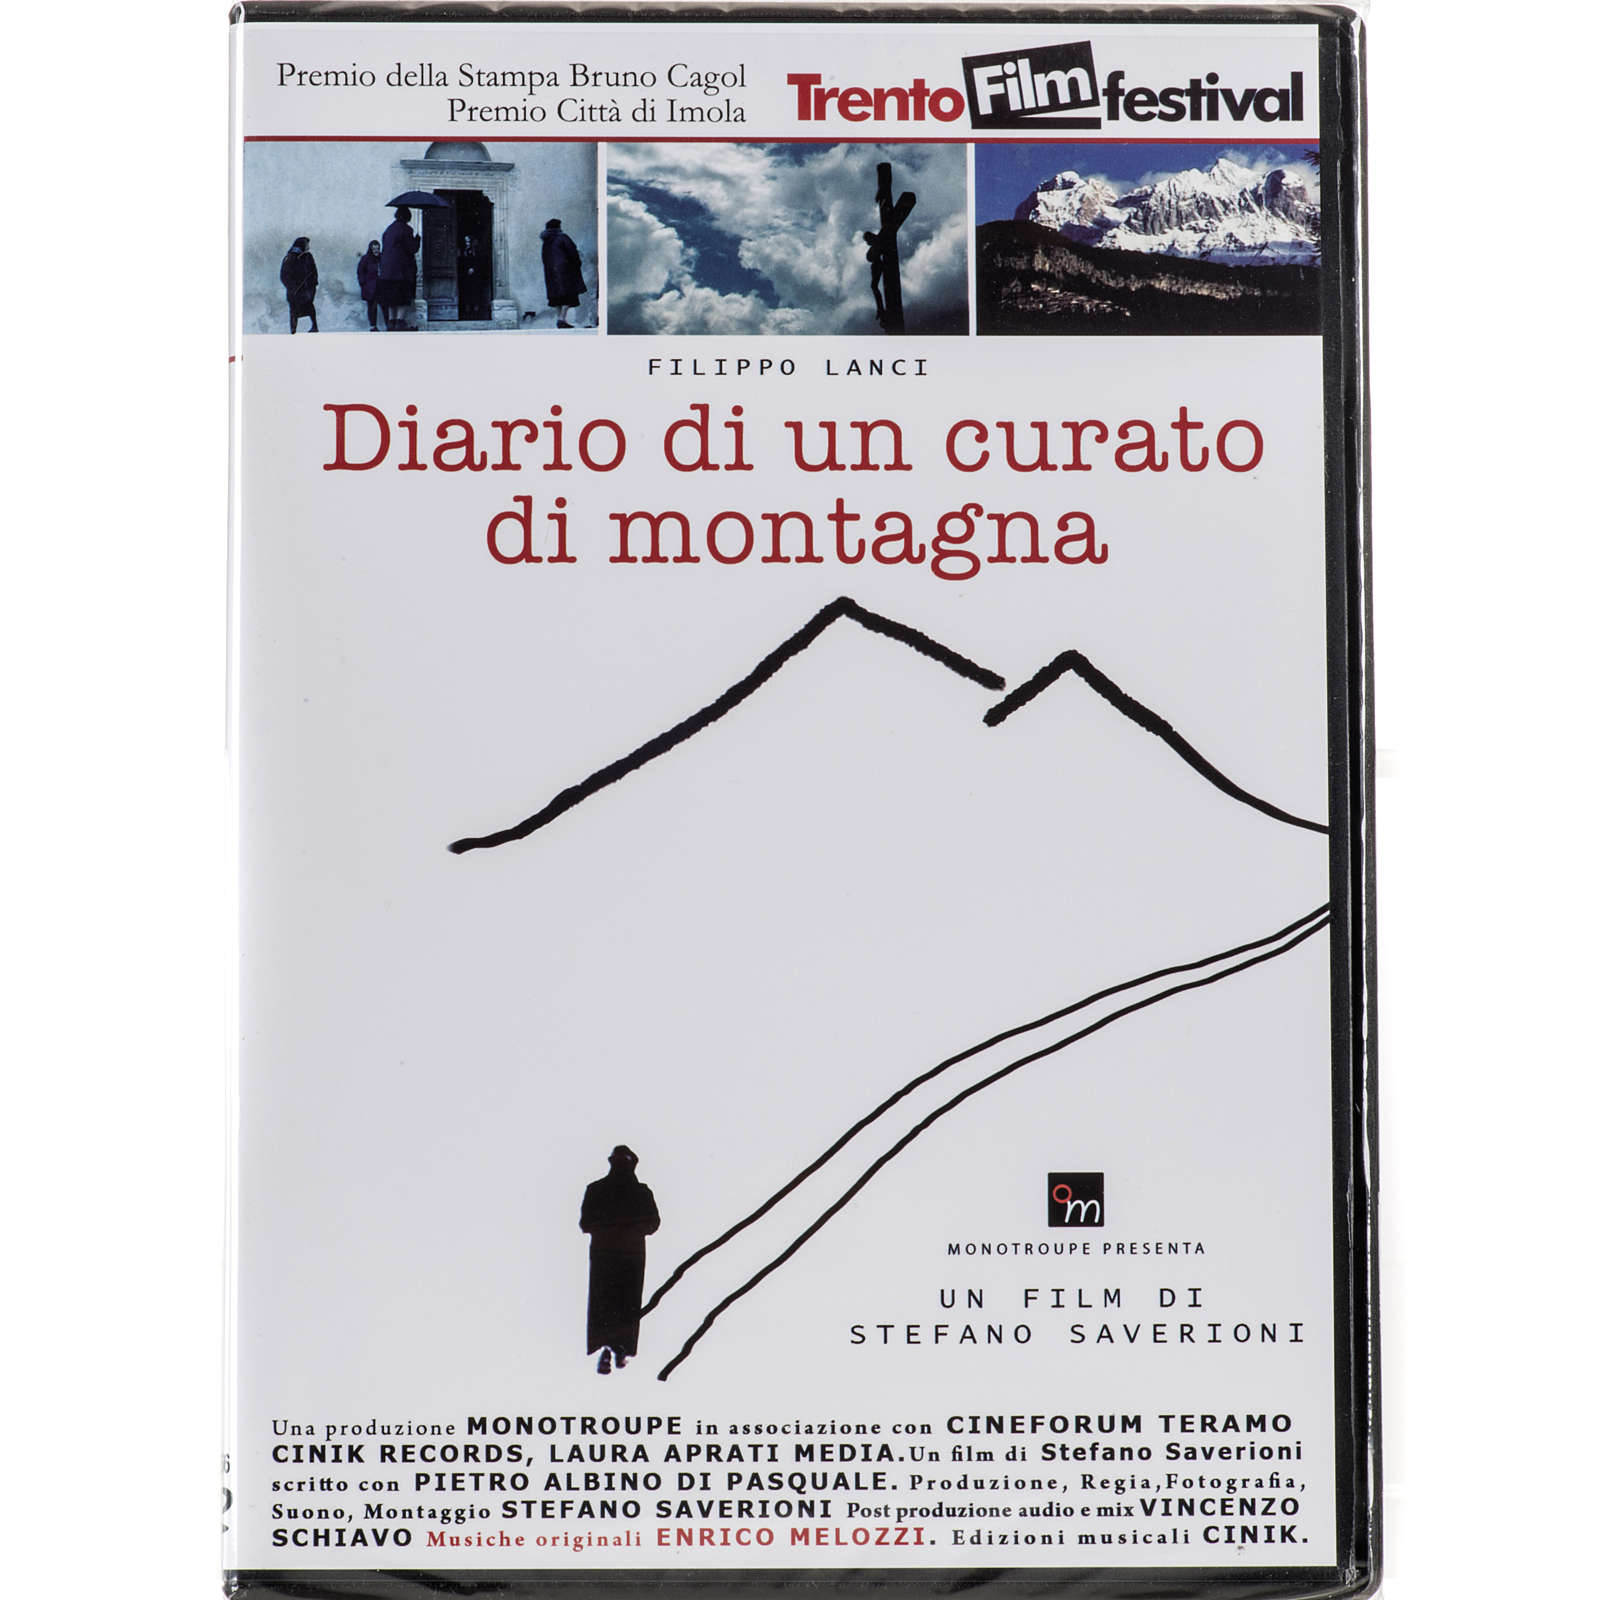 Diario di un curato di montagna 3